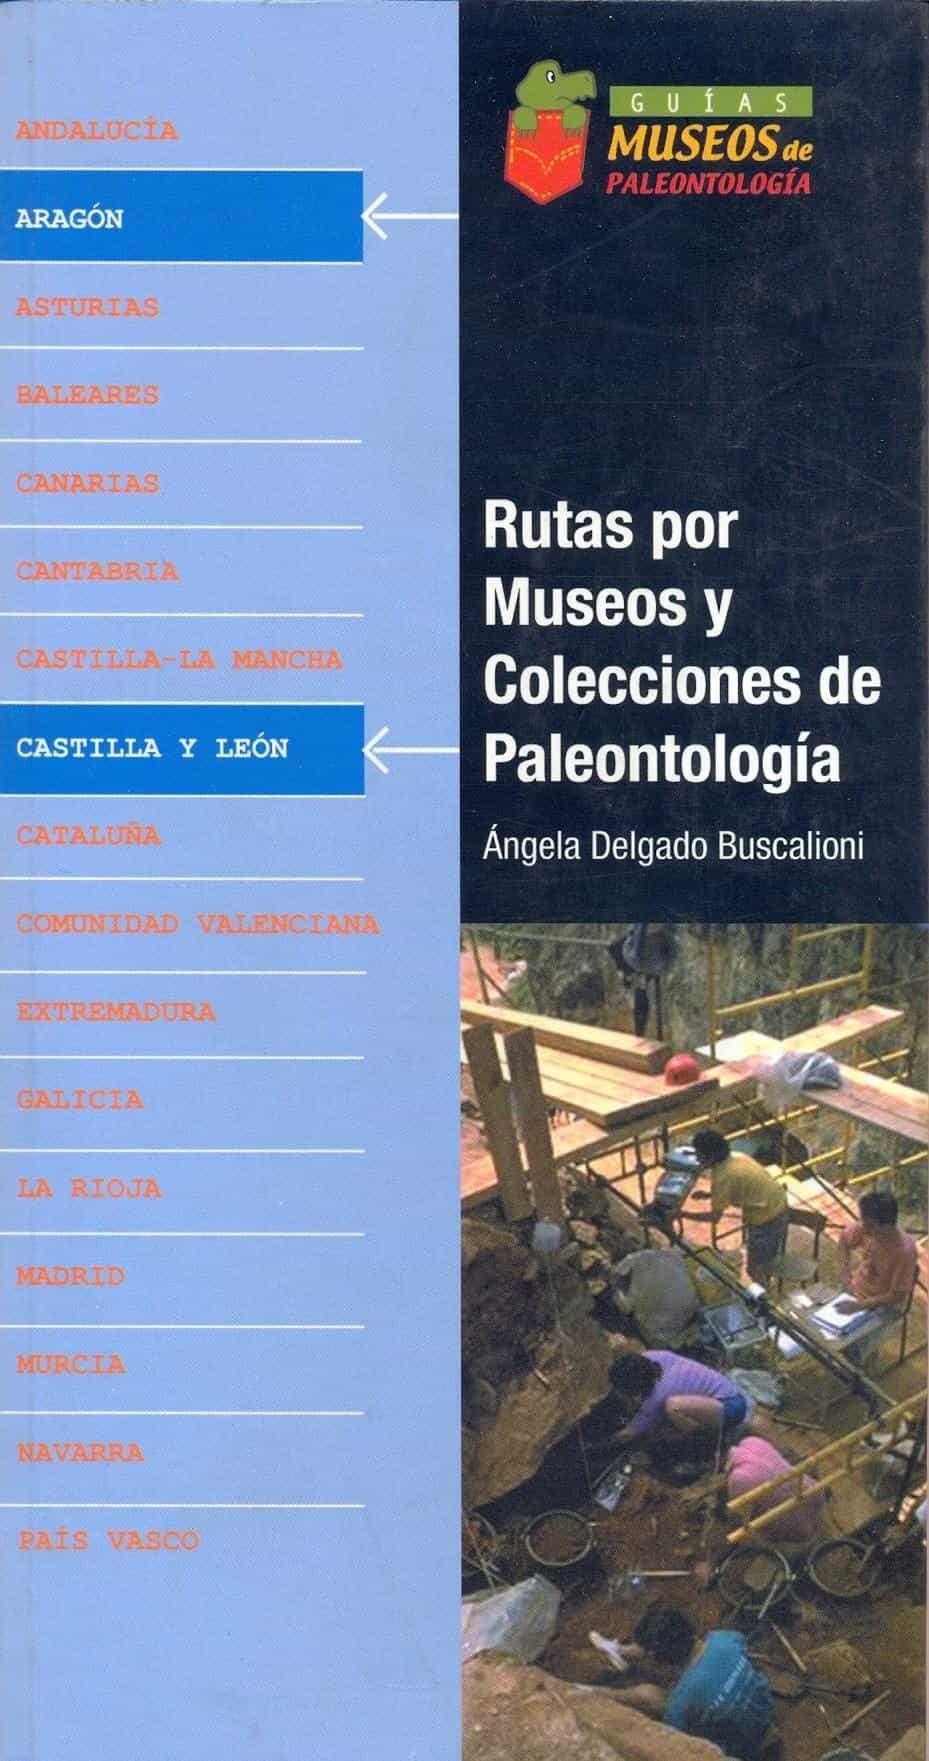 Rutas Por Museos Y Colecciones De Paleontologia (asturias, Cantab Ria, Galicia, La Rioja, Pais Vasco) (ivncluye Cd) por Angela Delgado Buscalioni epub